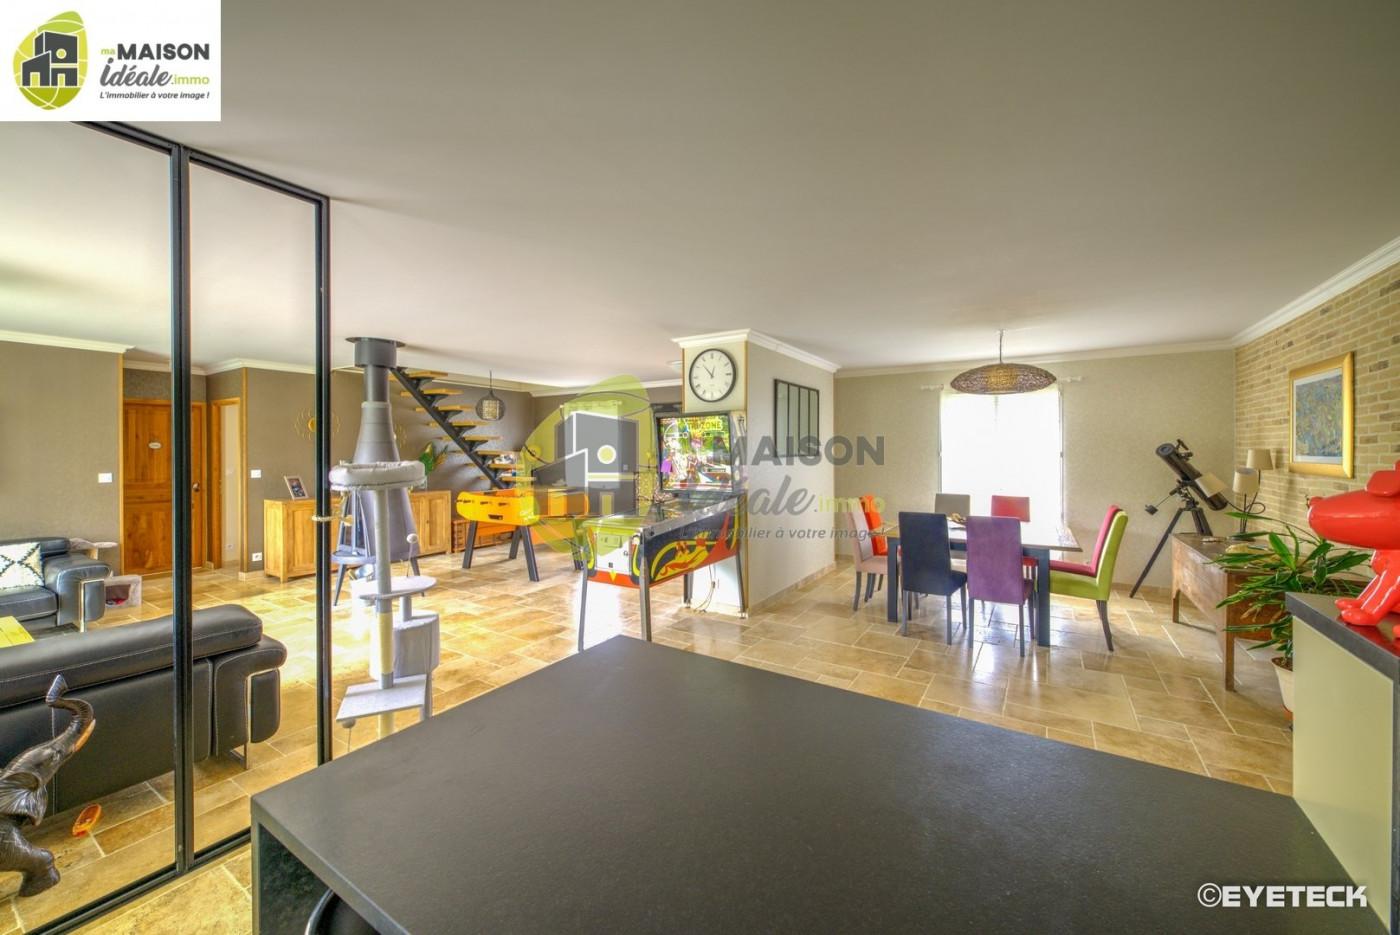 A vendre Vierzon 36003816 Ma maison ideale